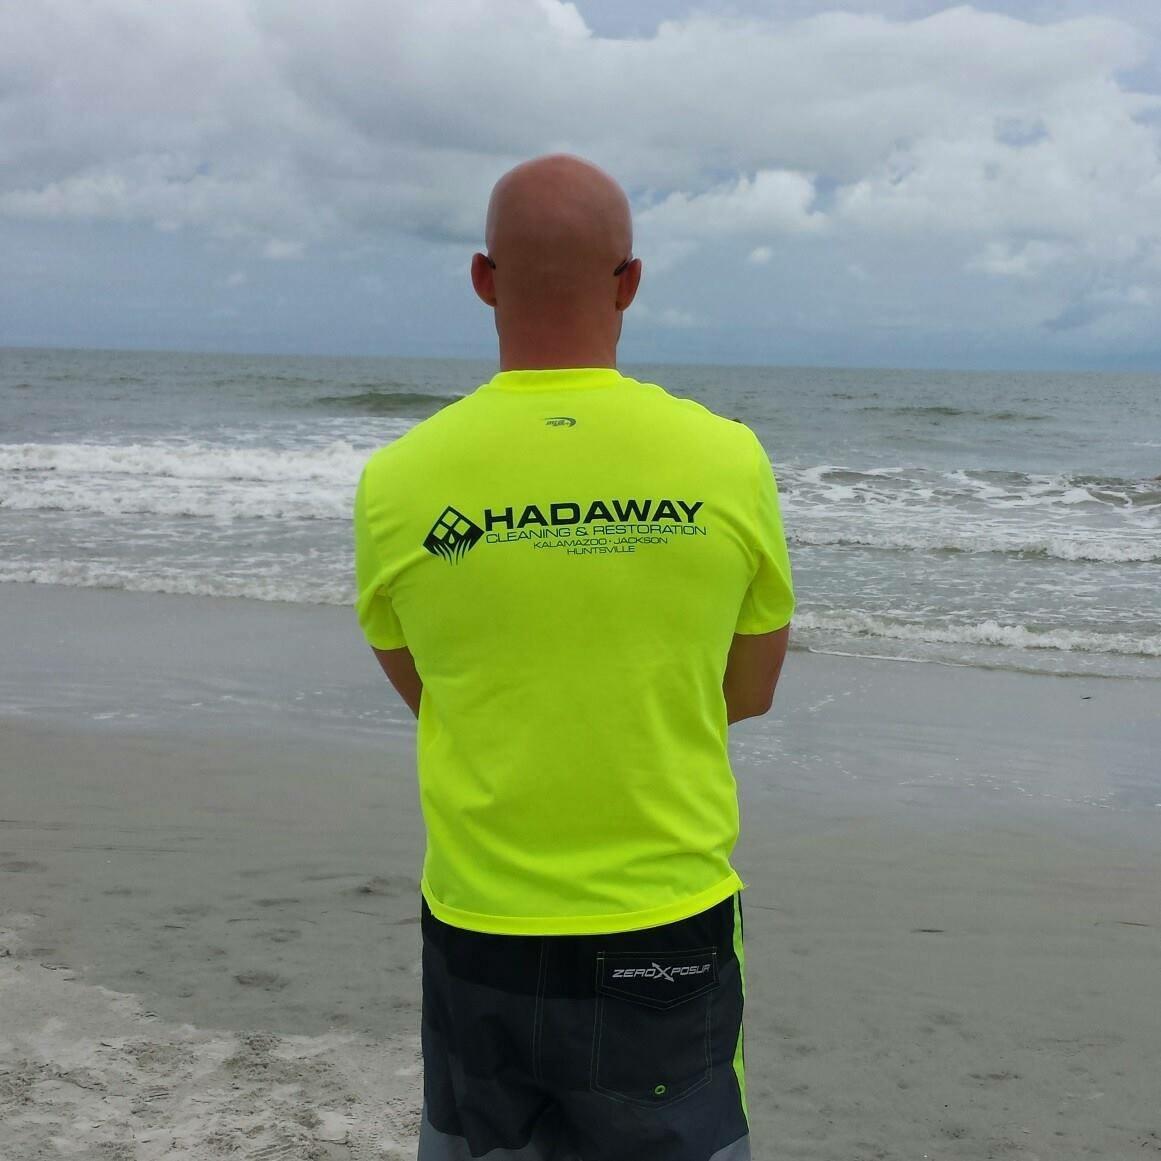 #TeamHadaway